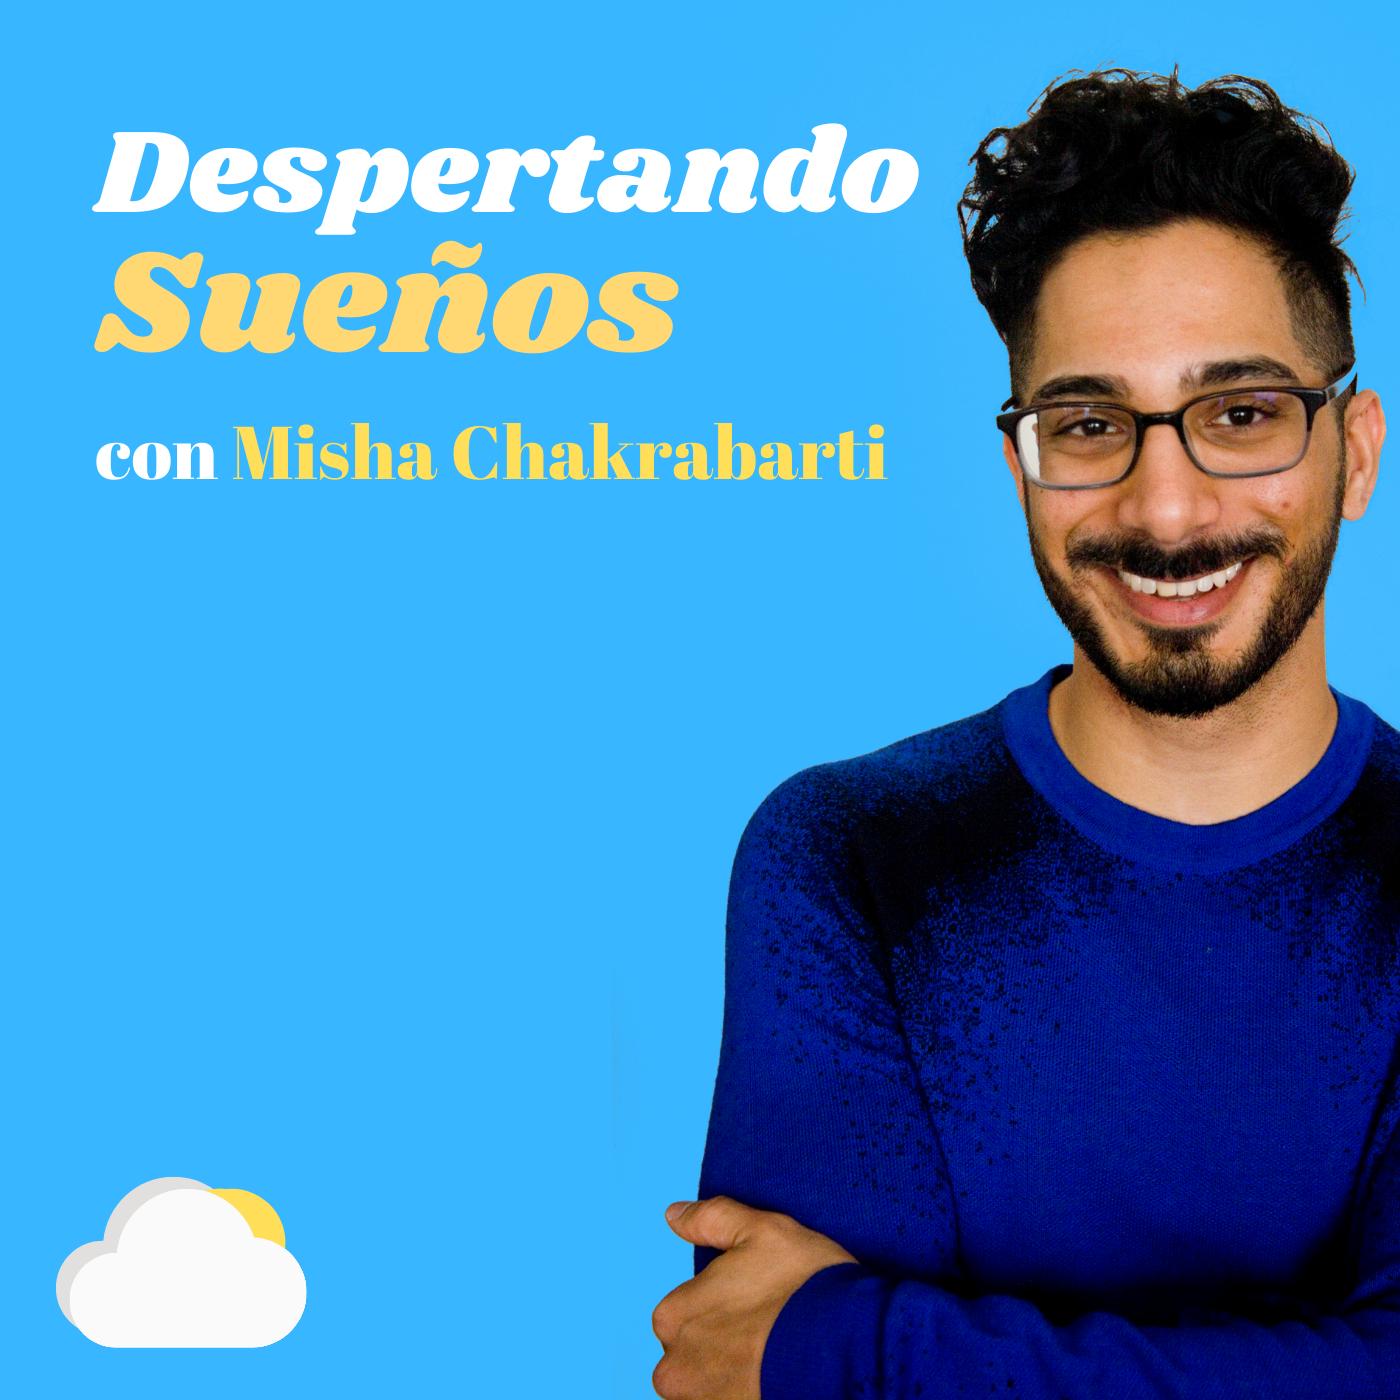 Show artwork for Despertando Sueños con Misha Chakrabarti